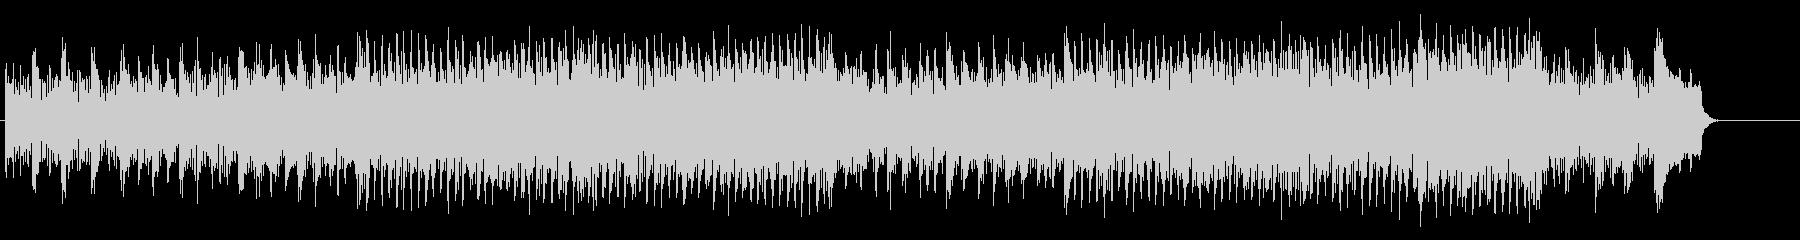 クラシカルなチャイルド・ミュージックの未再生の波形